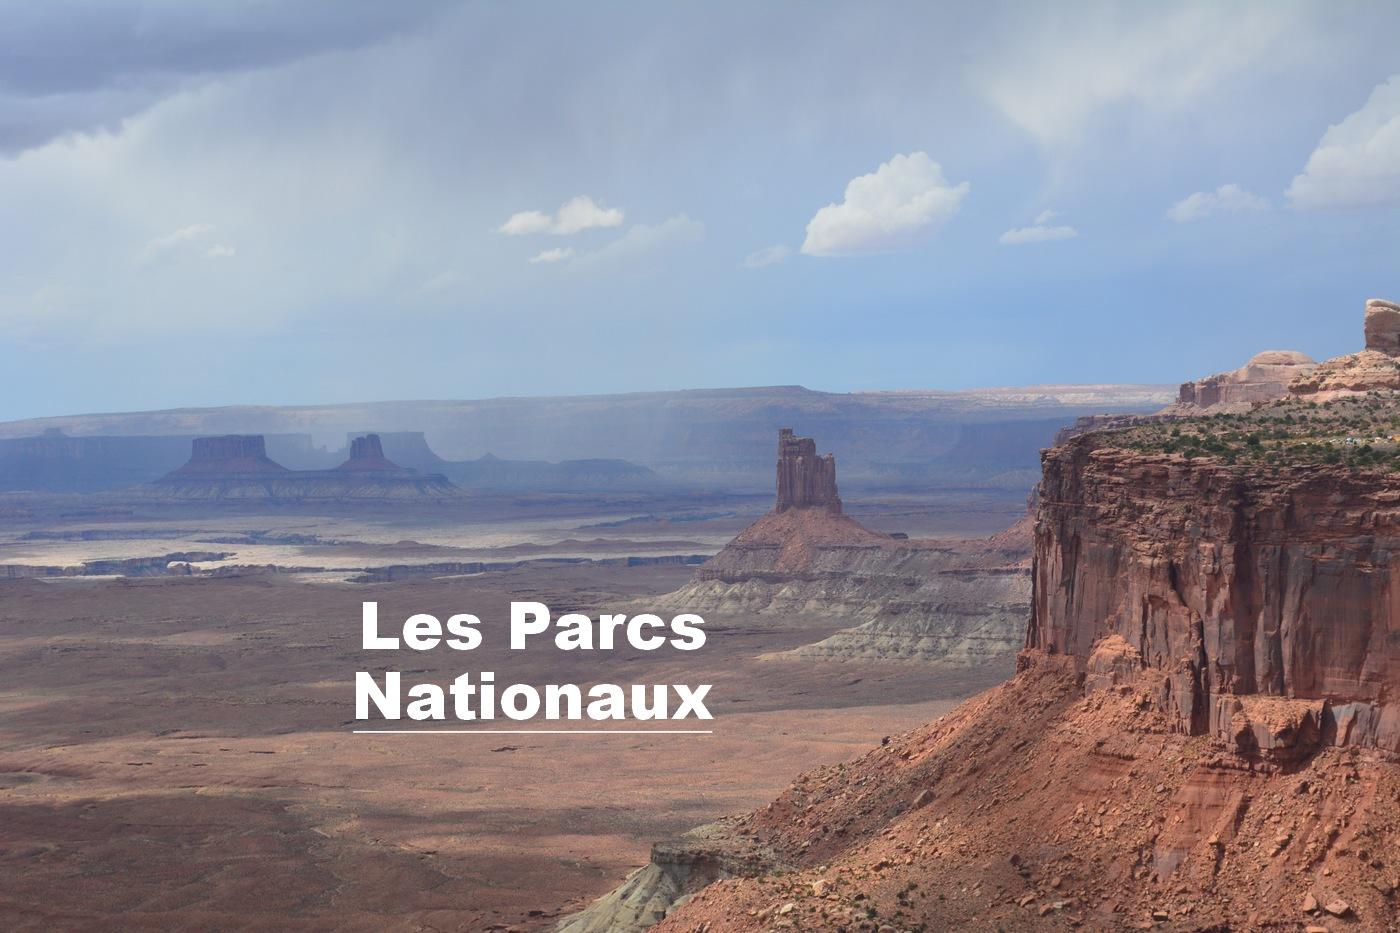 Visiter les parcs nationaux depuis Canyonlands National Park